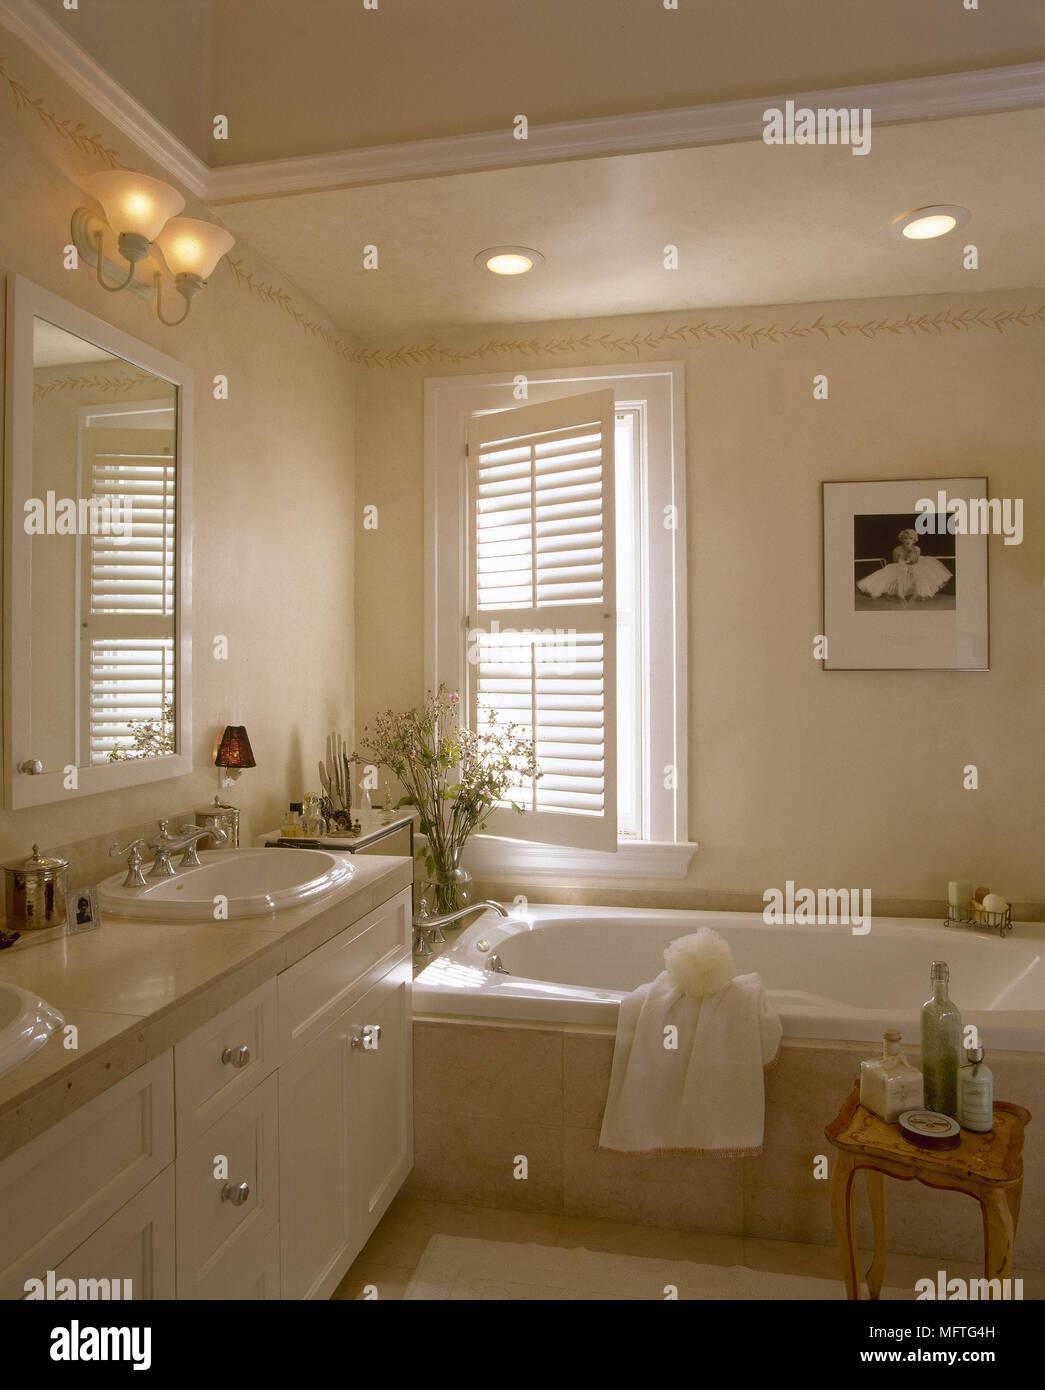 Bagno moderno bagno doppi lavabi impostato nella finestra for Bagni di design